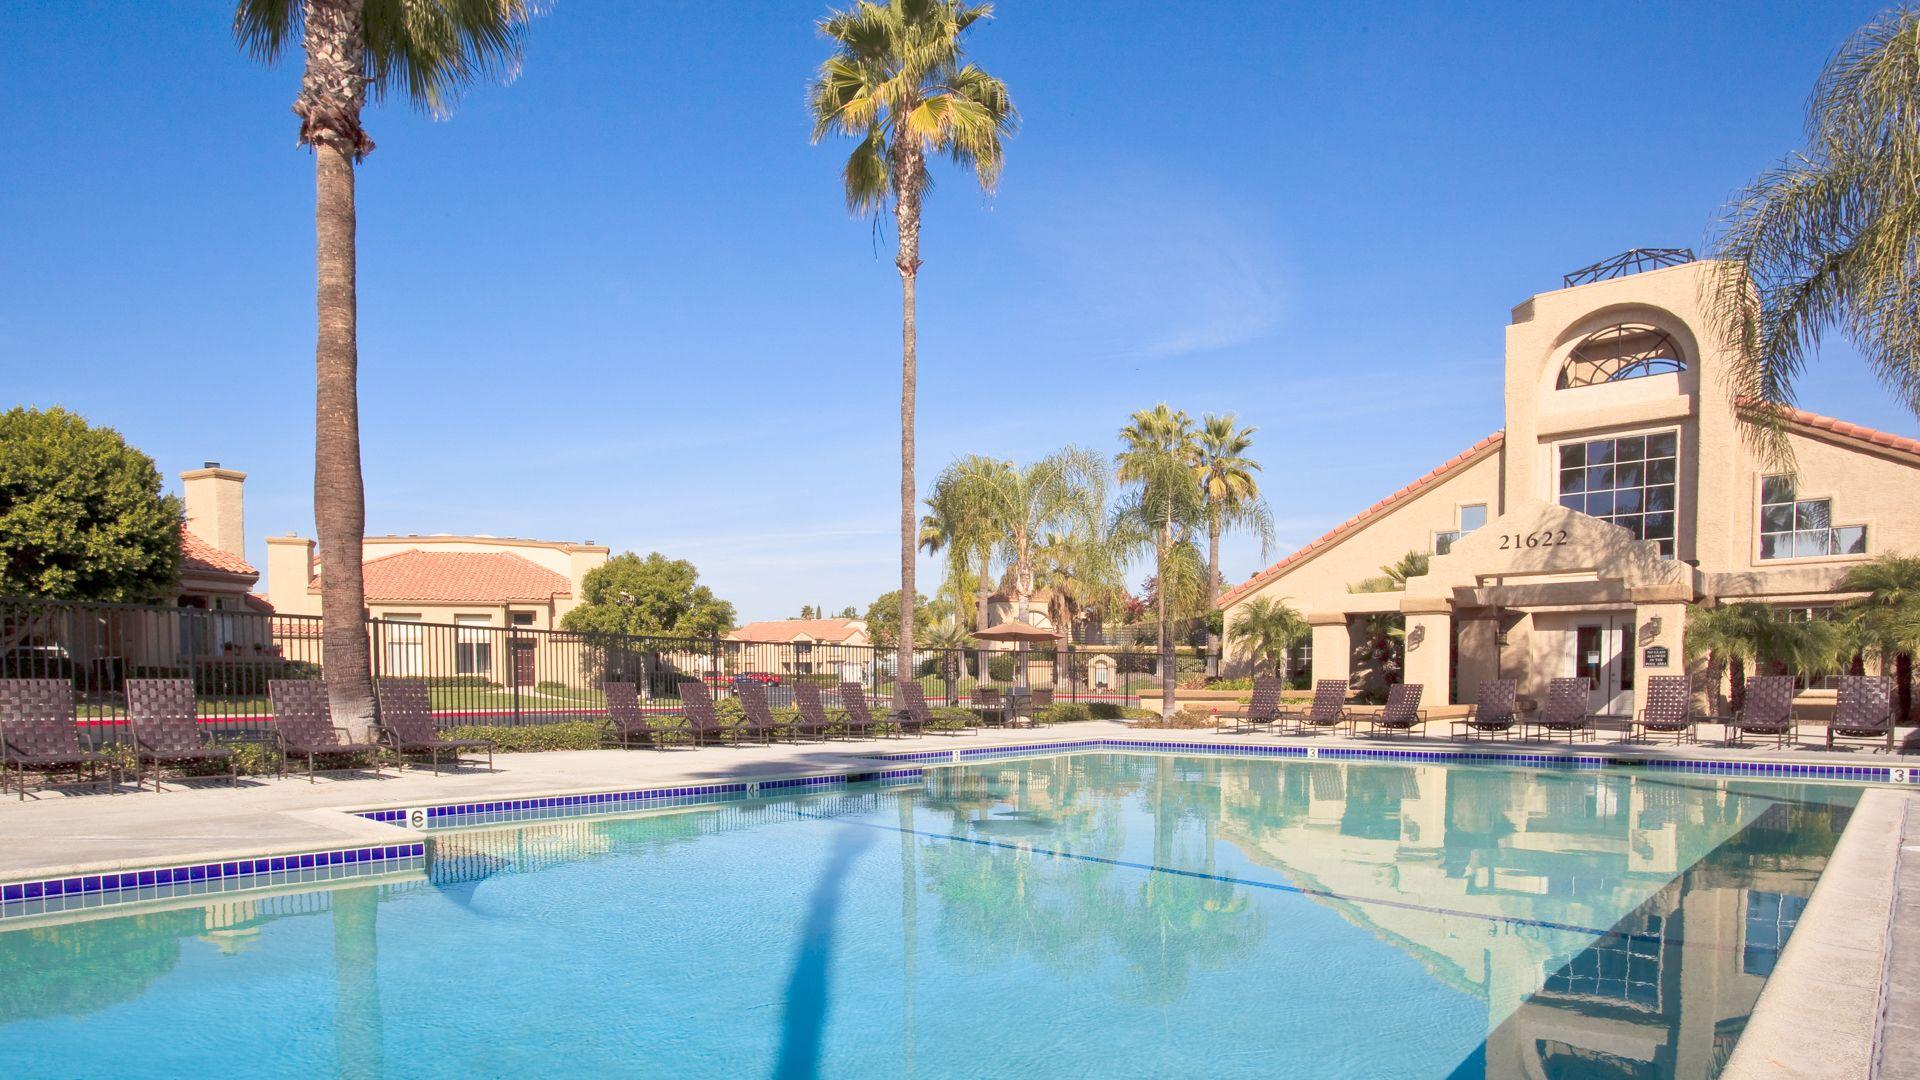 Vista Del Lago Apartments Mission Viejo 21622